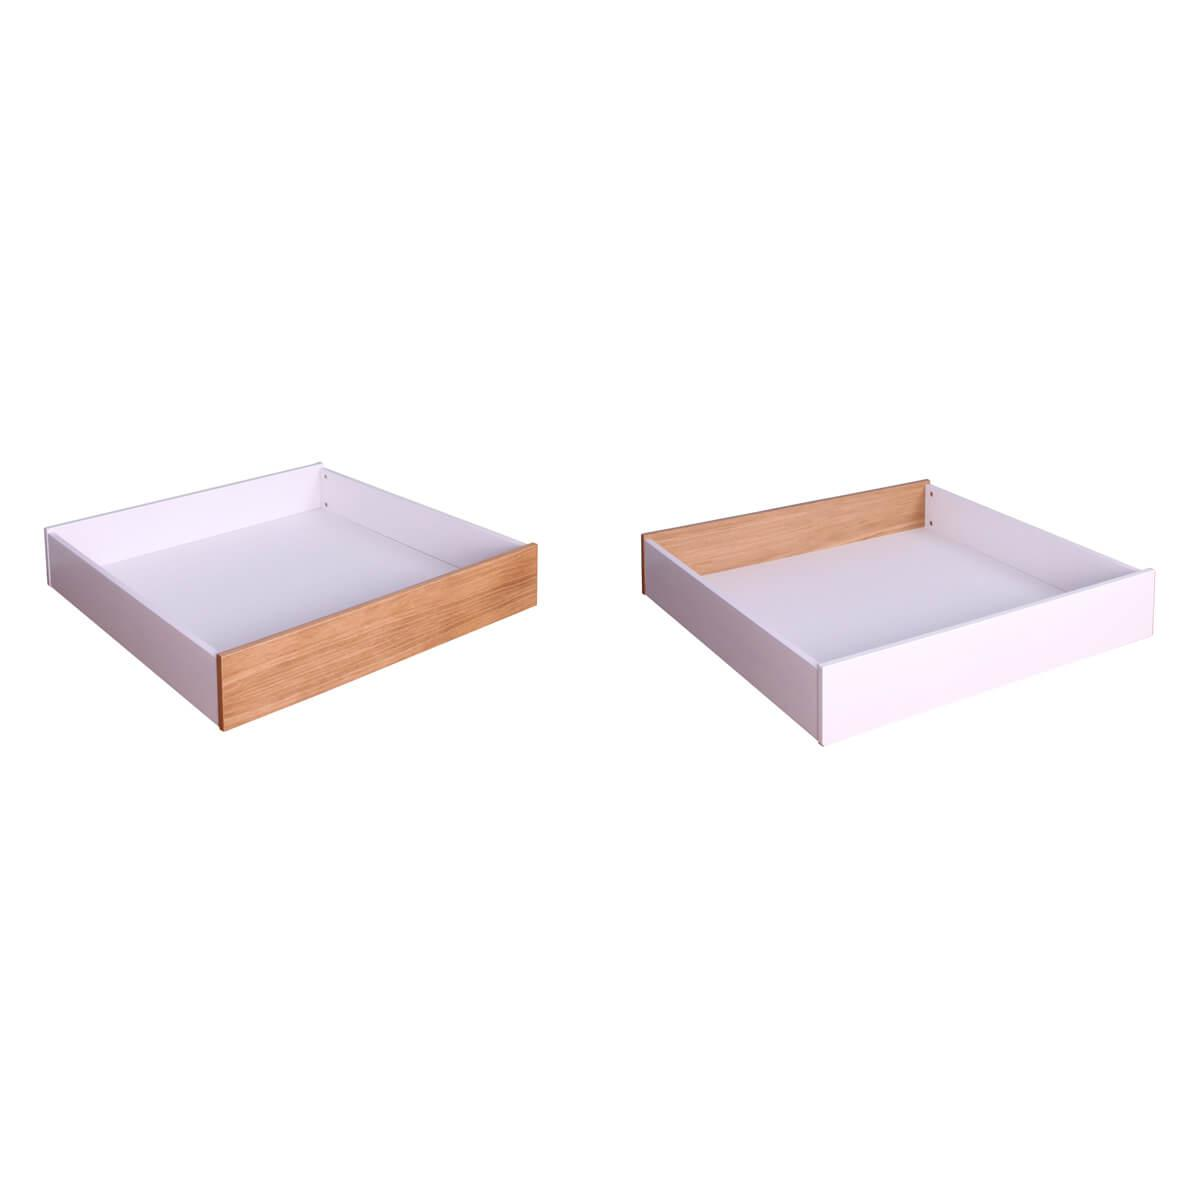 Cajón cama KASVA MDF lacado blanco-multiplex chapa roble